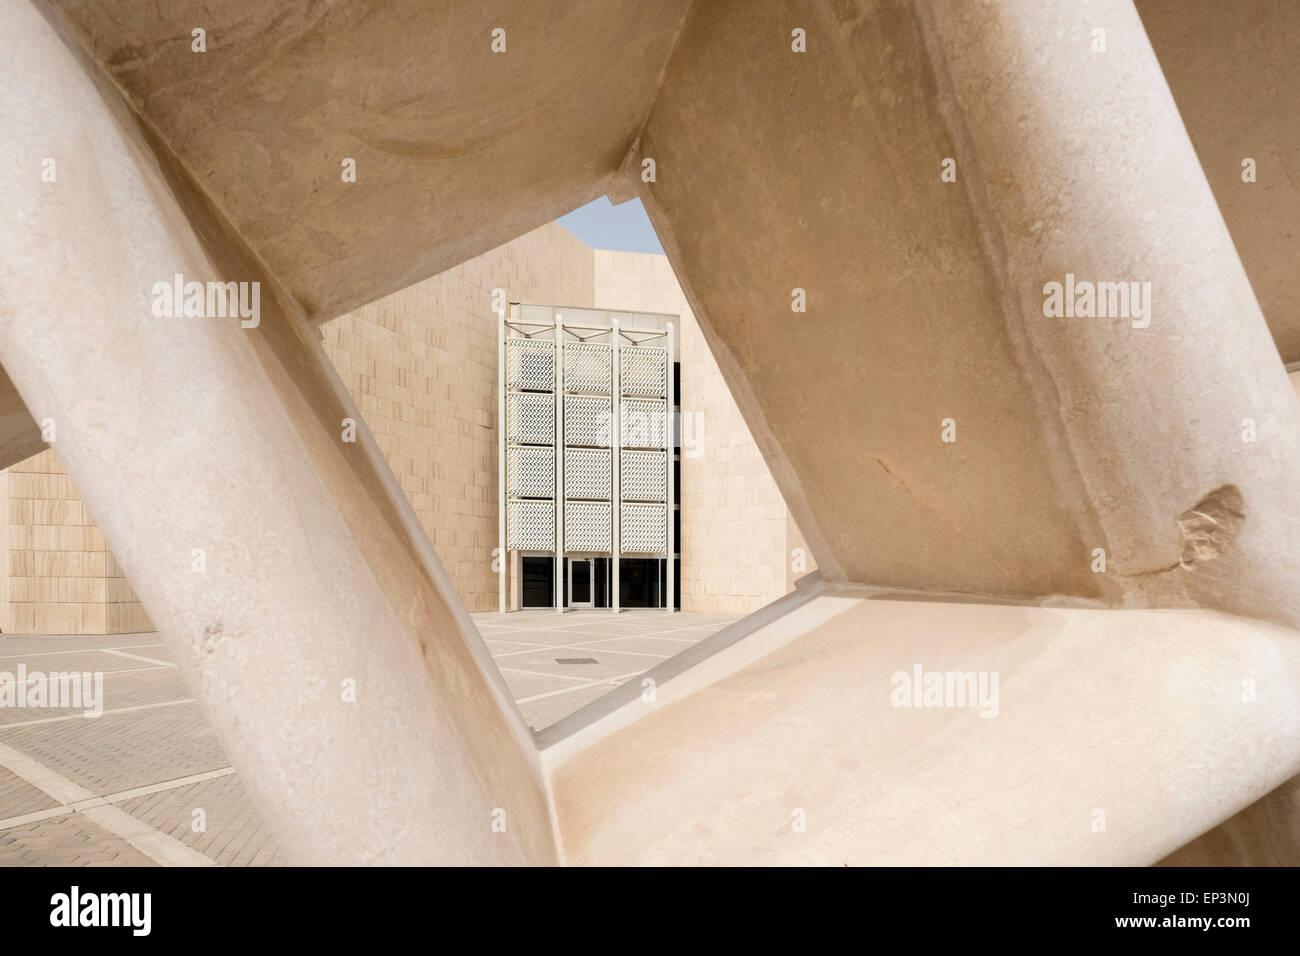 Vista del Museo Nacional en Manama, Bahrein Imagen De Stock